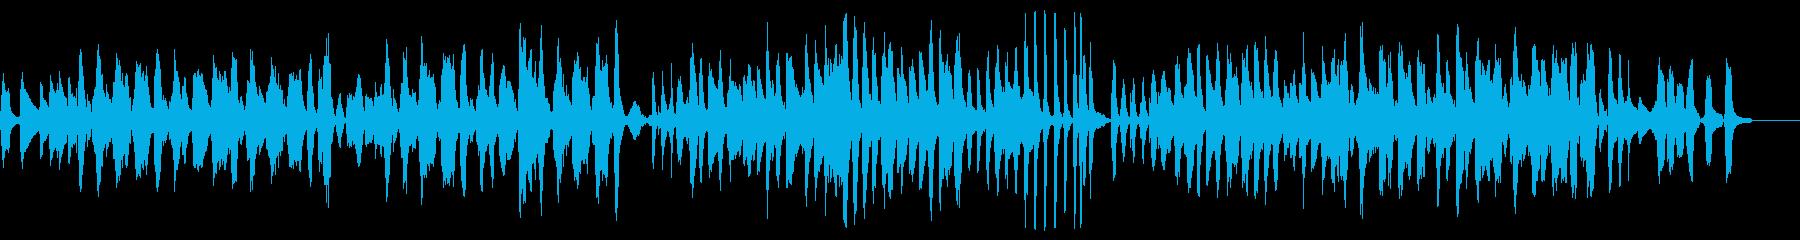 ズッコケ調のJazz調の面白い楽曲の再生済みの波形